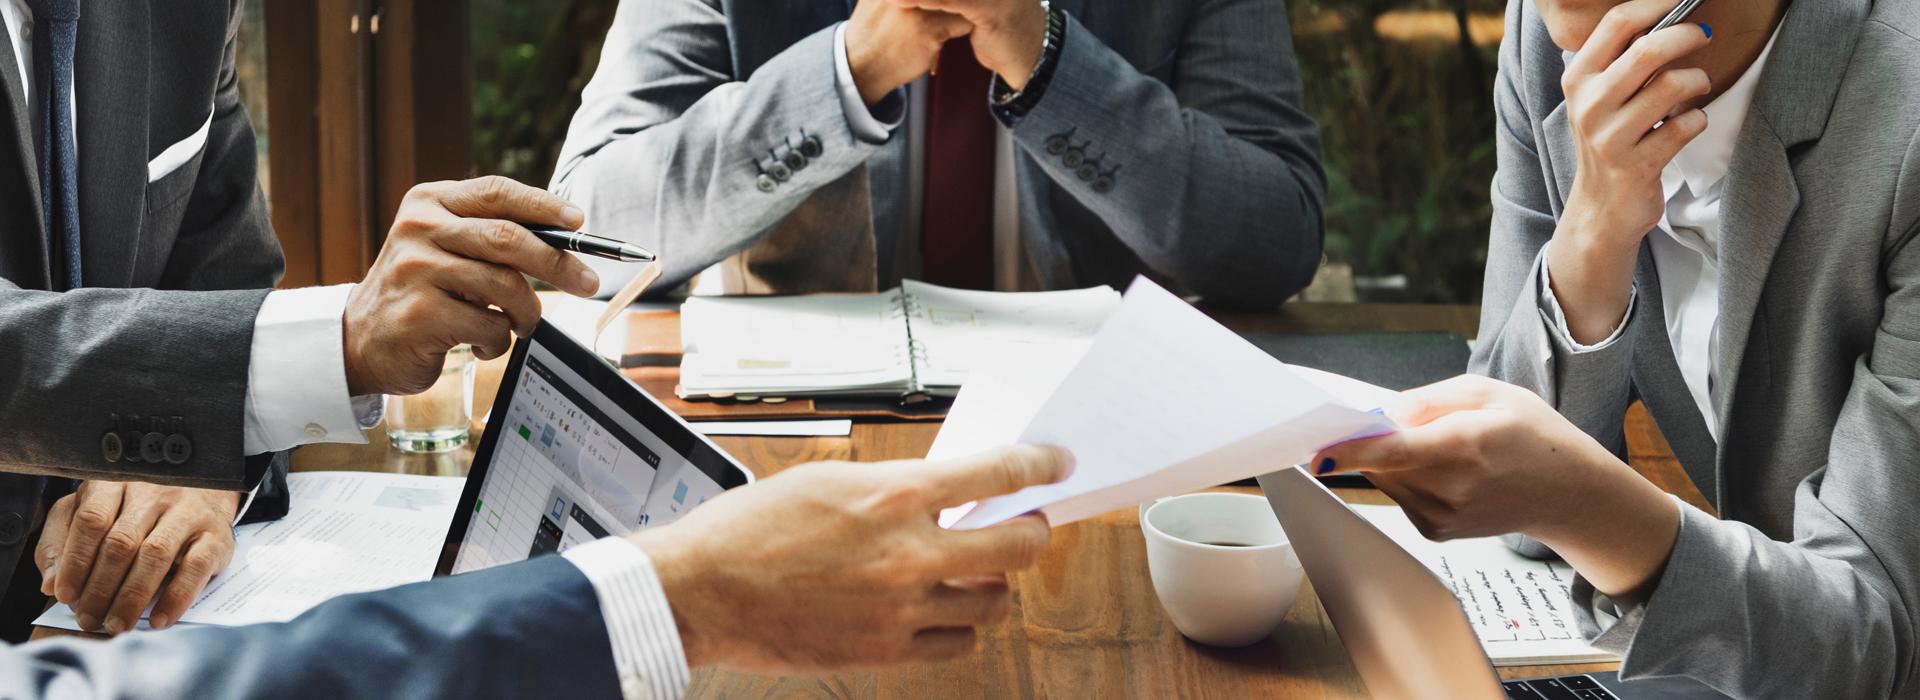 強化現場顧客的接觸點,廢除會議制度